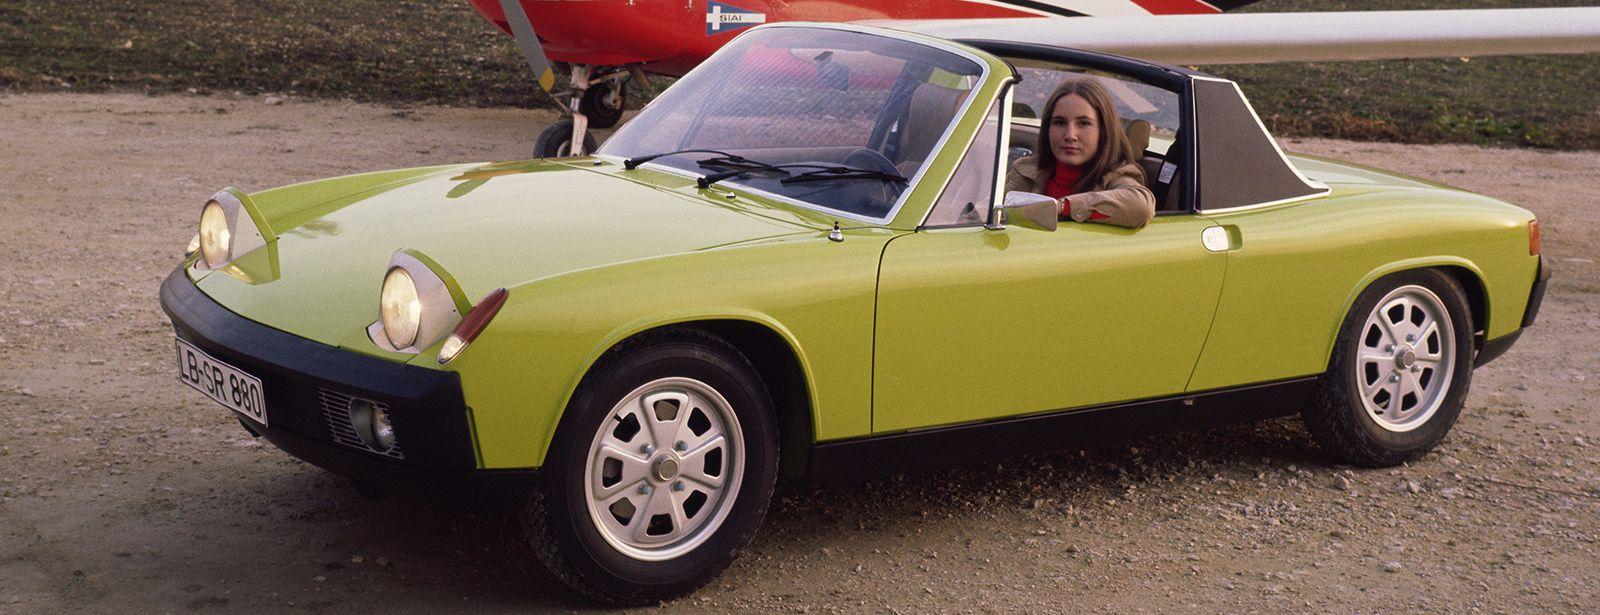 Porsche 914 1970-1976